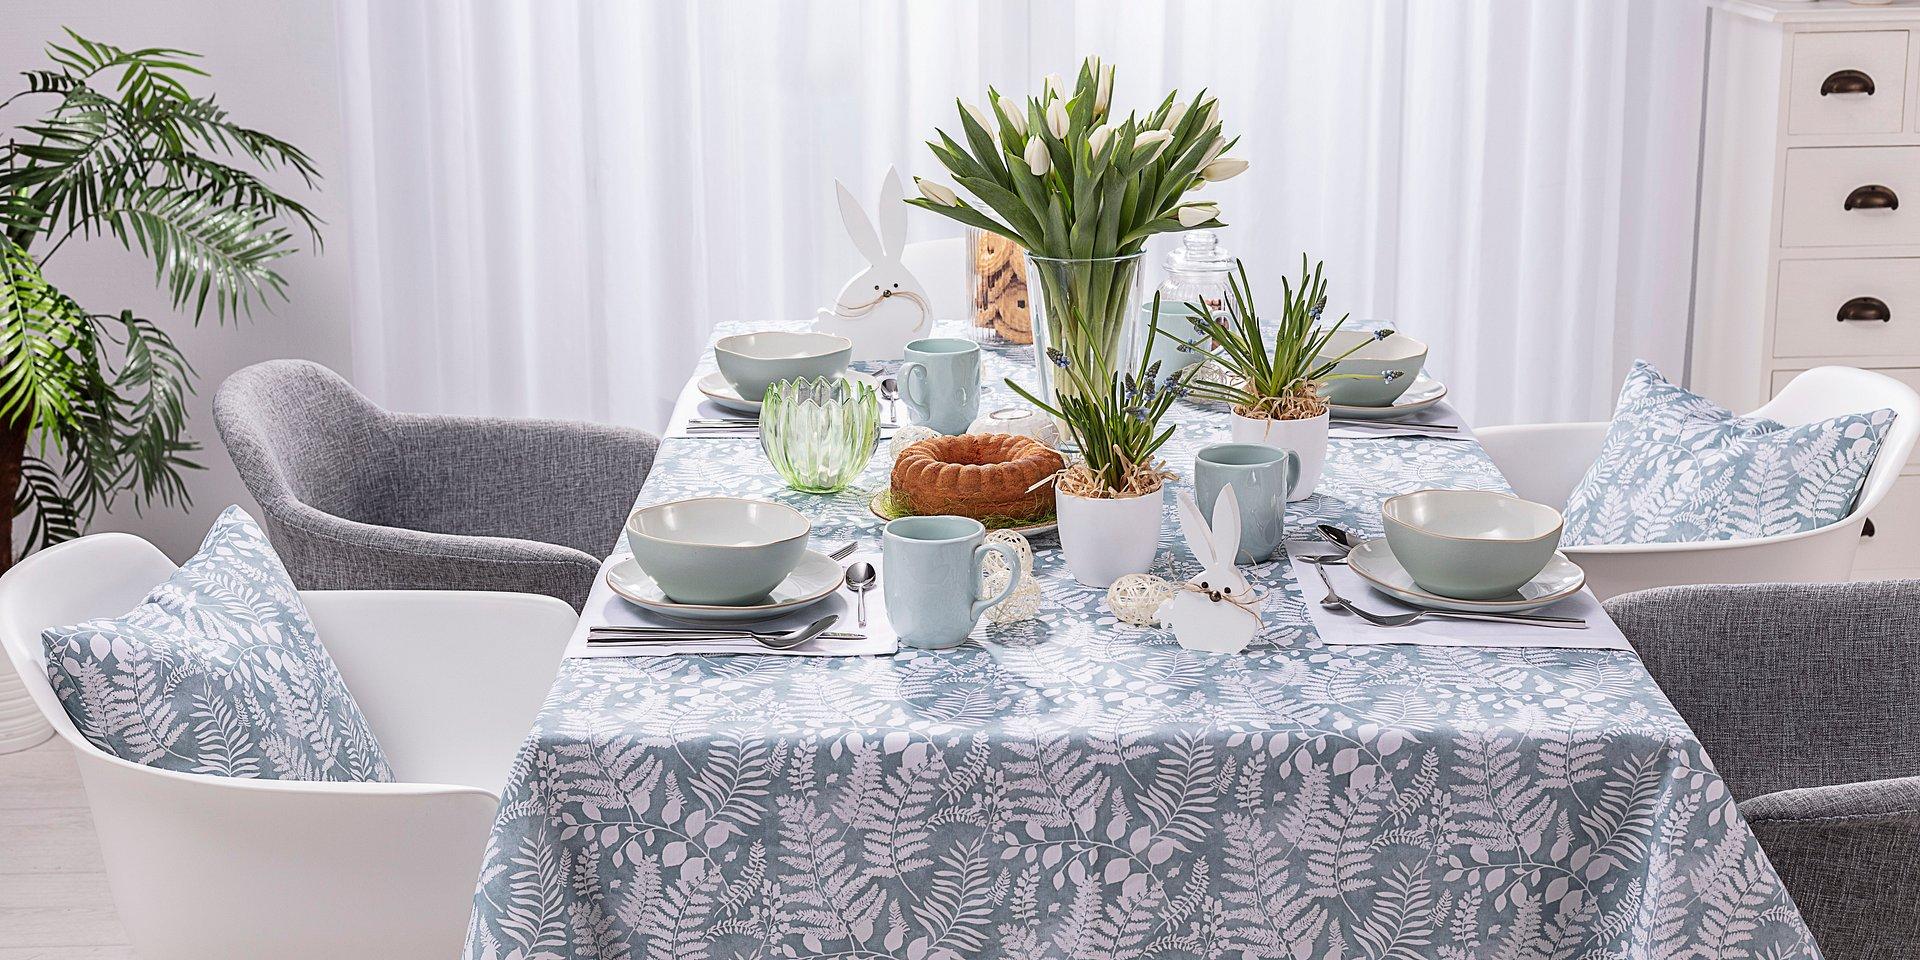 Wielkanoc w stylu slow – najpiękniejsze dekoracje przygotujesz bez wychodzenia z domu!